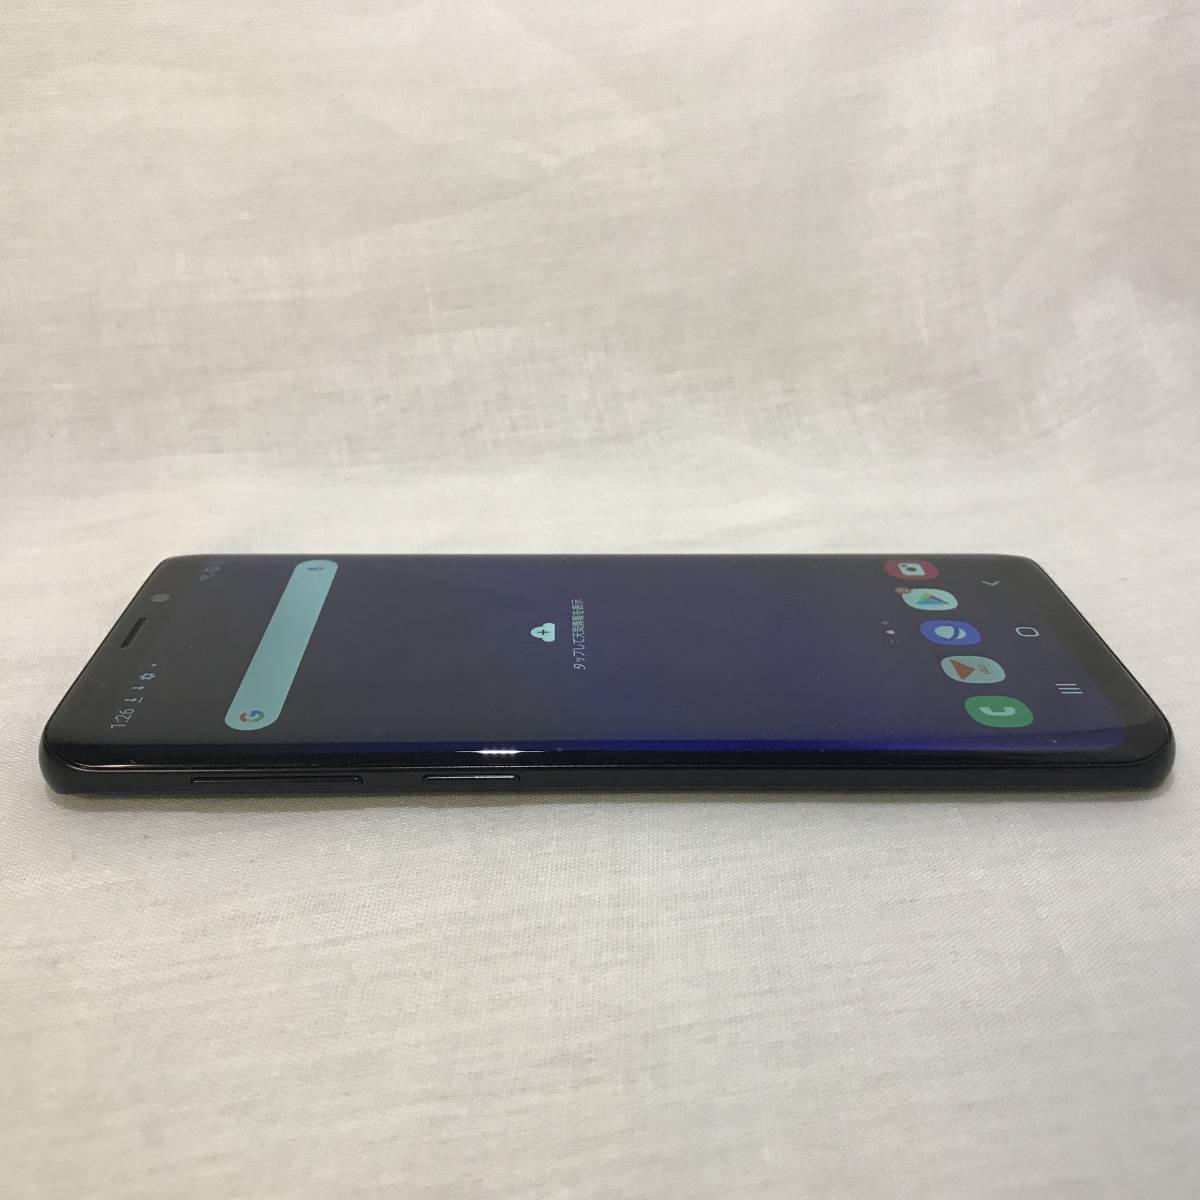 美品 SIMロック解除済み★SAMSUNG au Galaxy S9 SCV38 ミッドナイトブラック 利用制限〇 SIMフリー 送料無料 /YZX3634_画像8